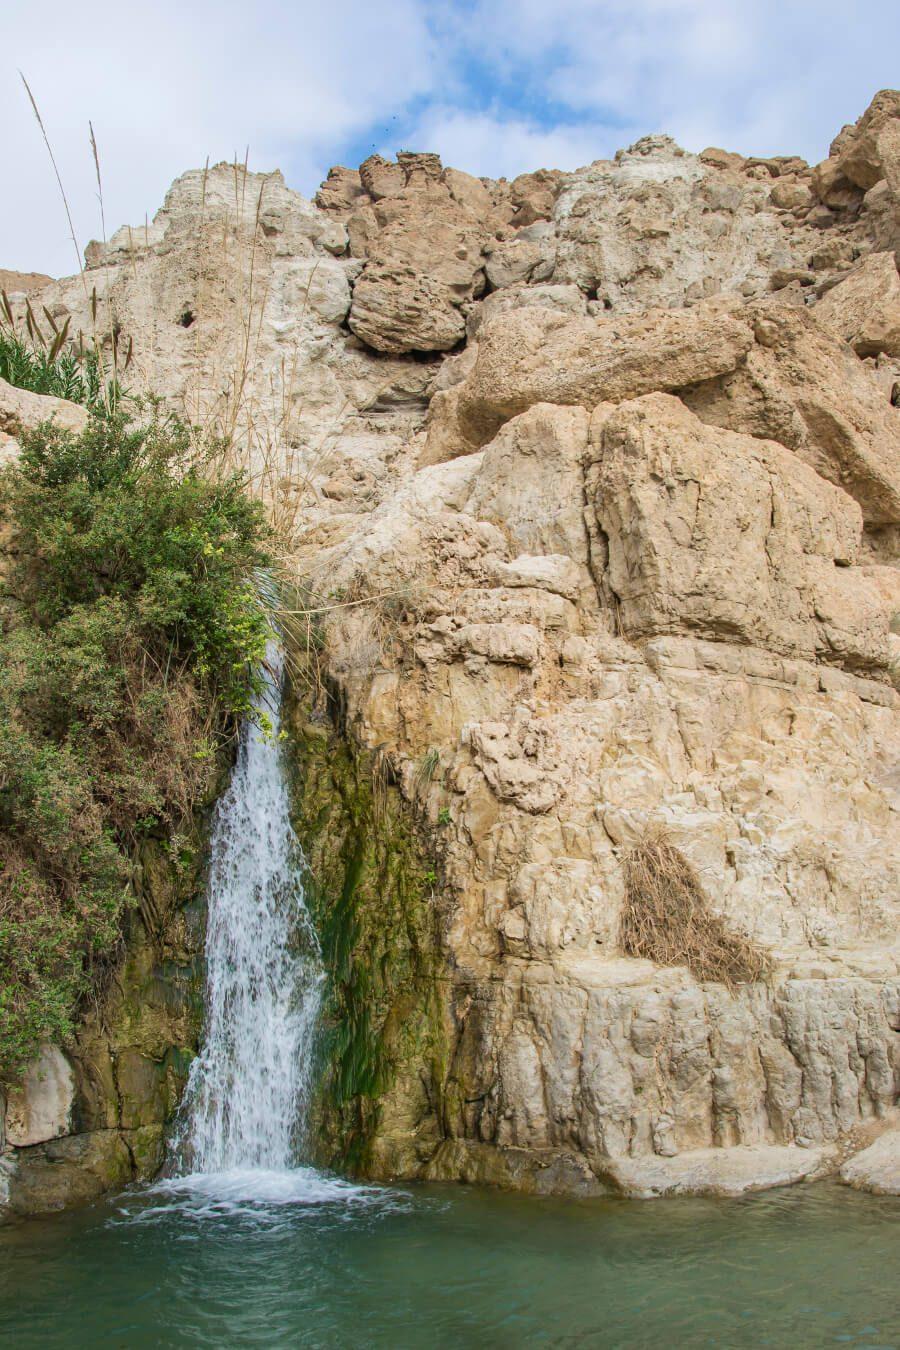 Wodospad na trasie do wodospadu Dawida w Ein Gedi w Izraelu.